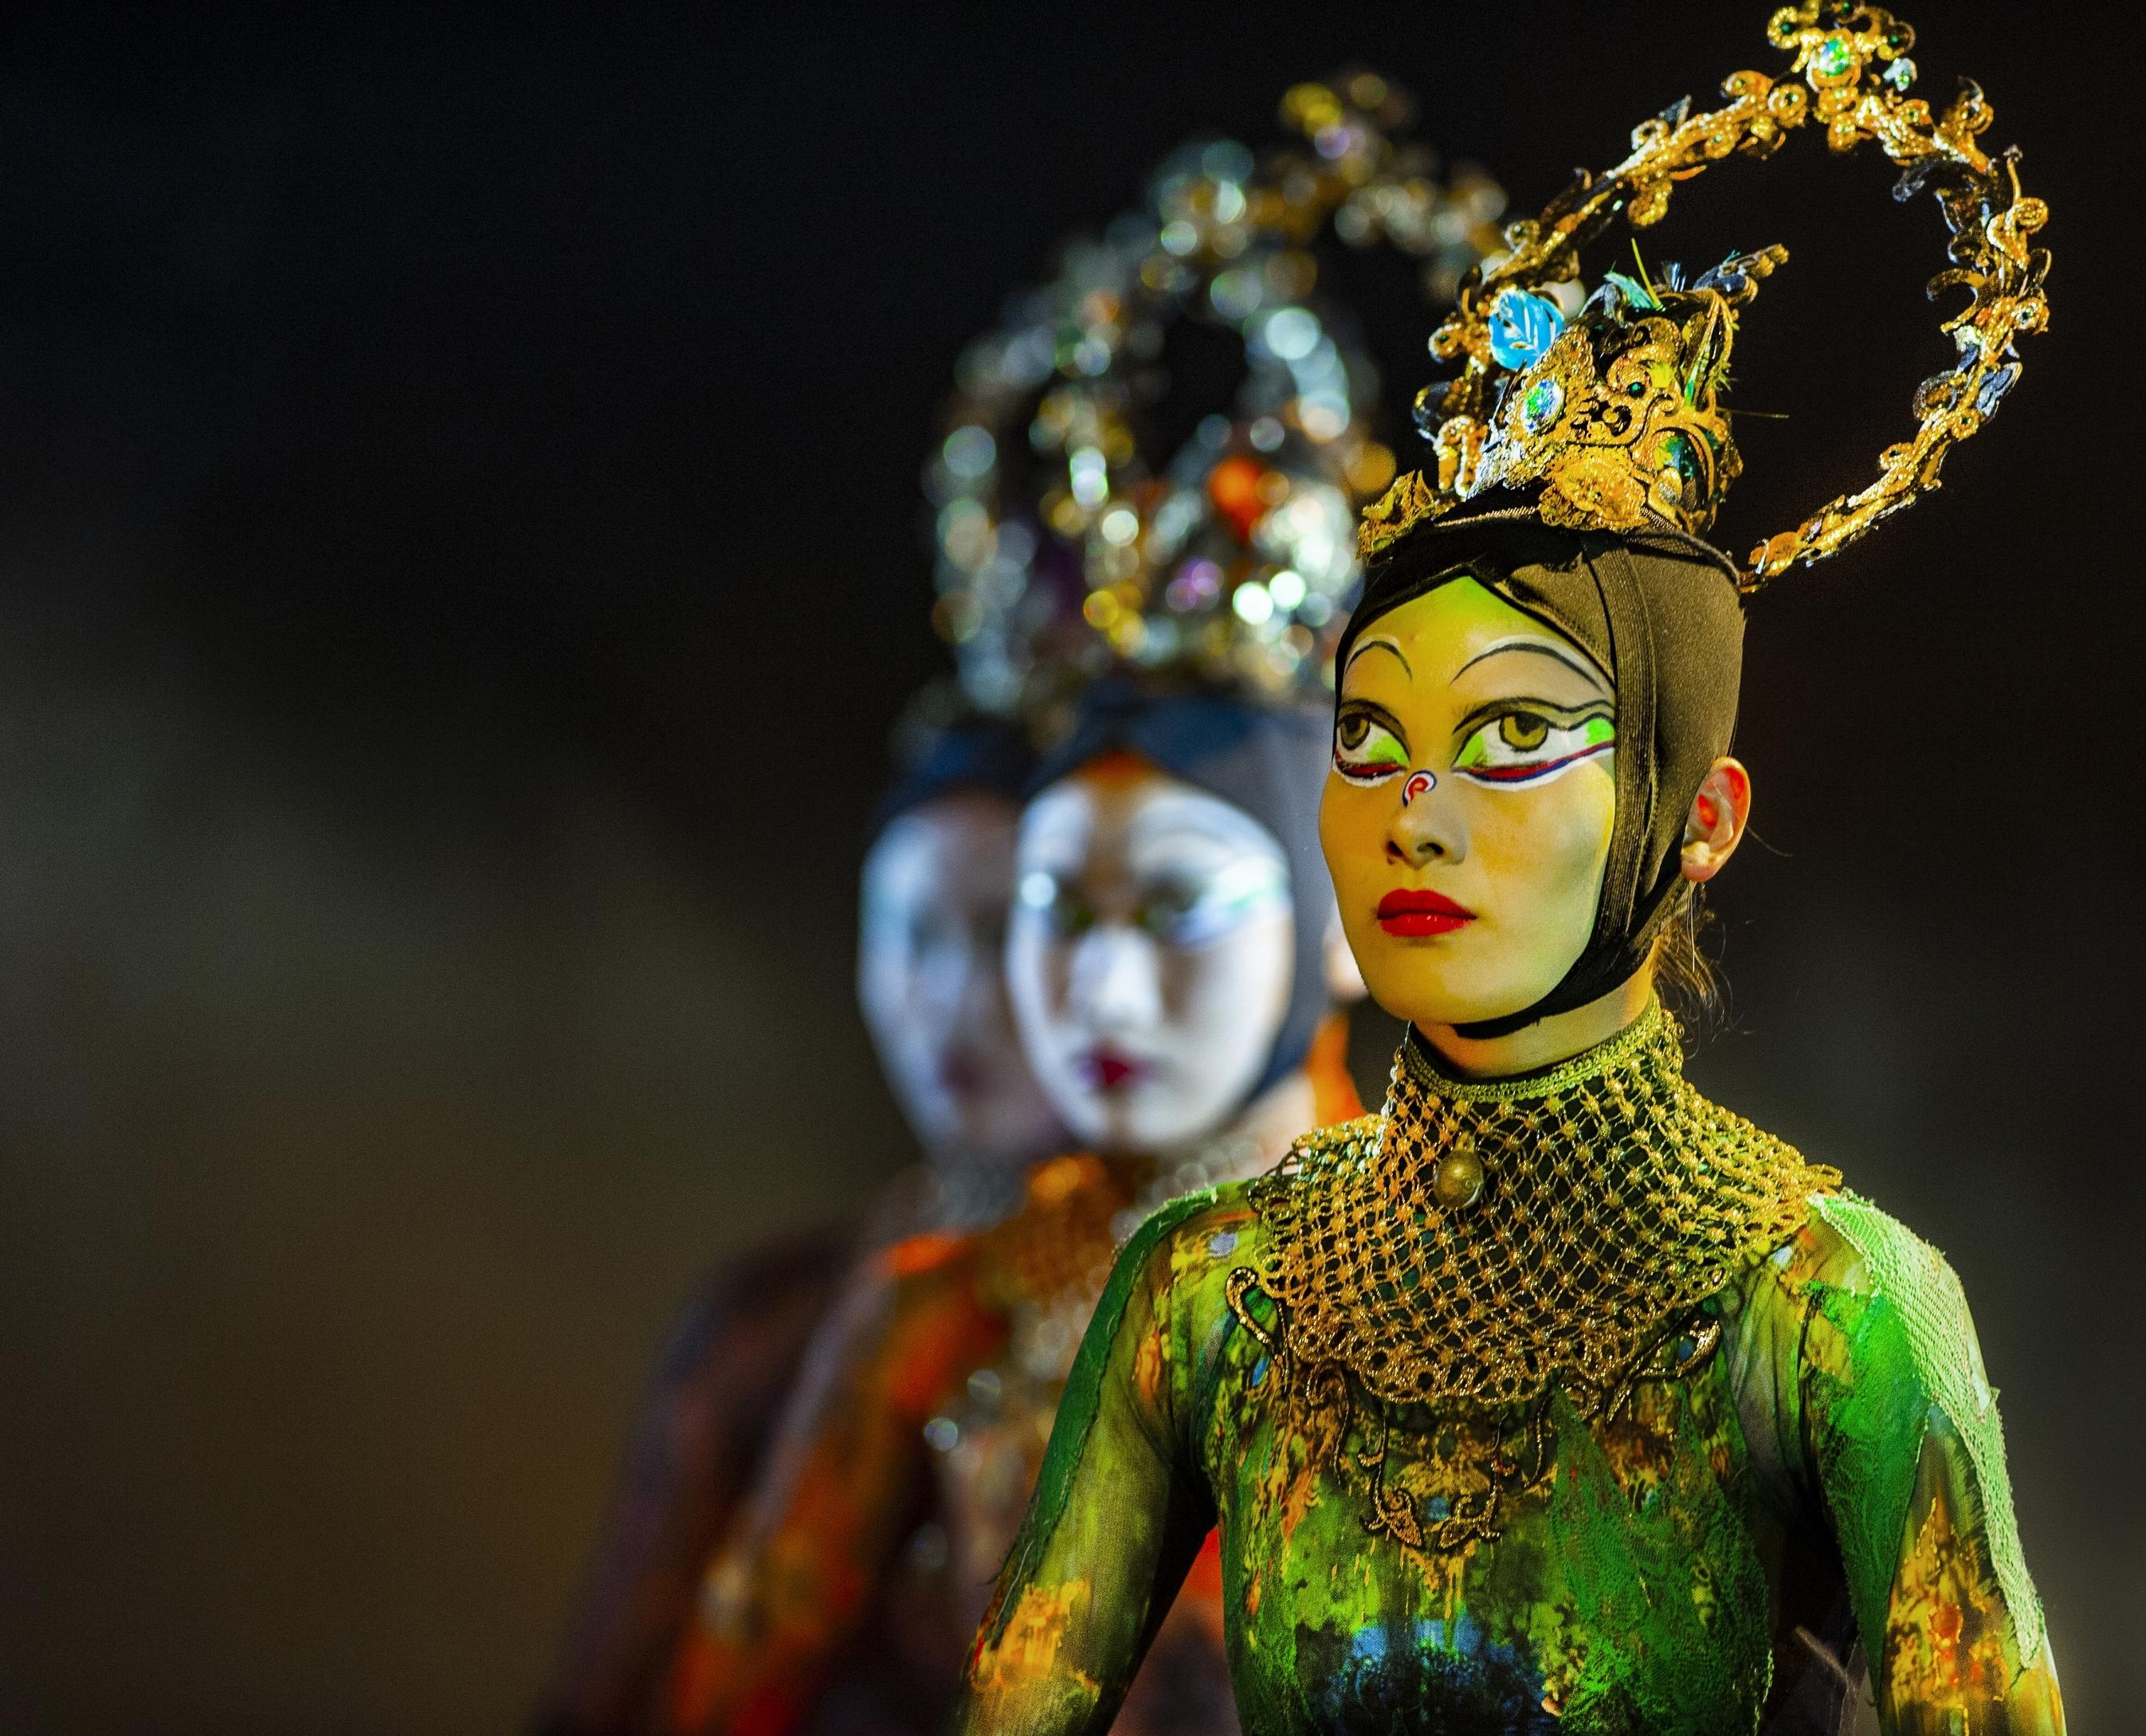 Yan Li Ping - Rite of Spring